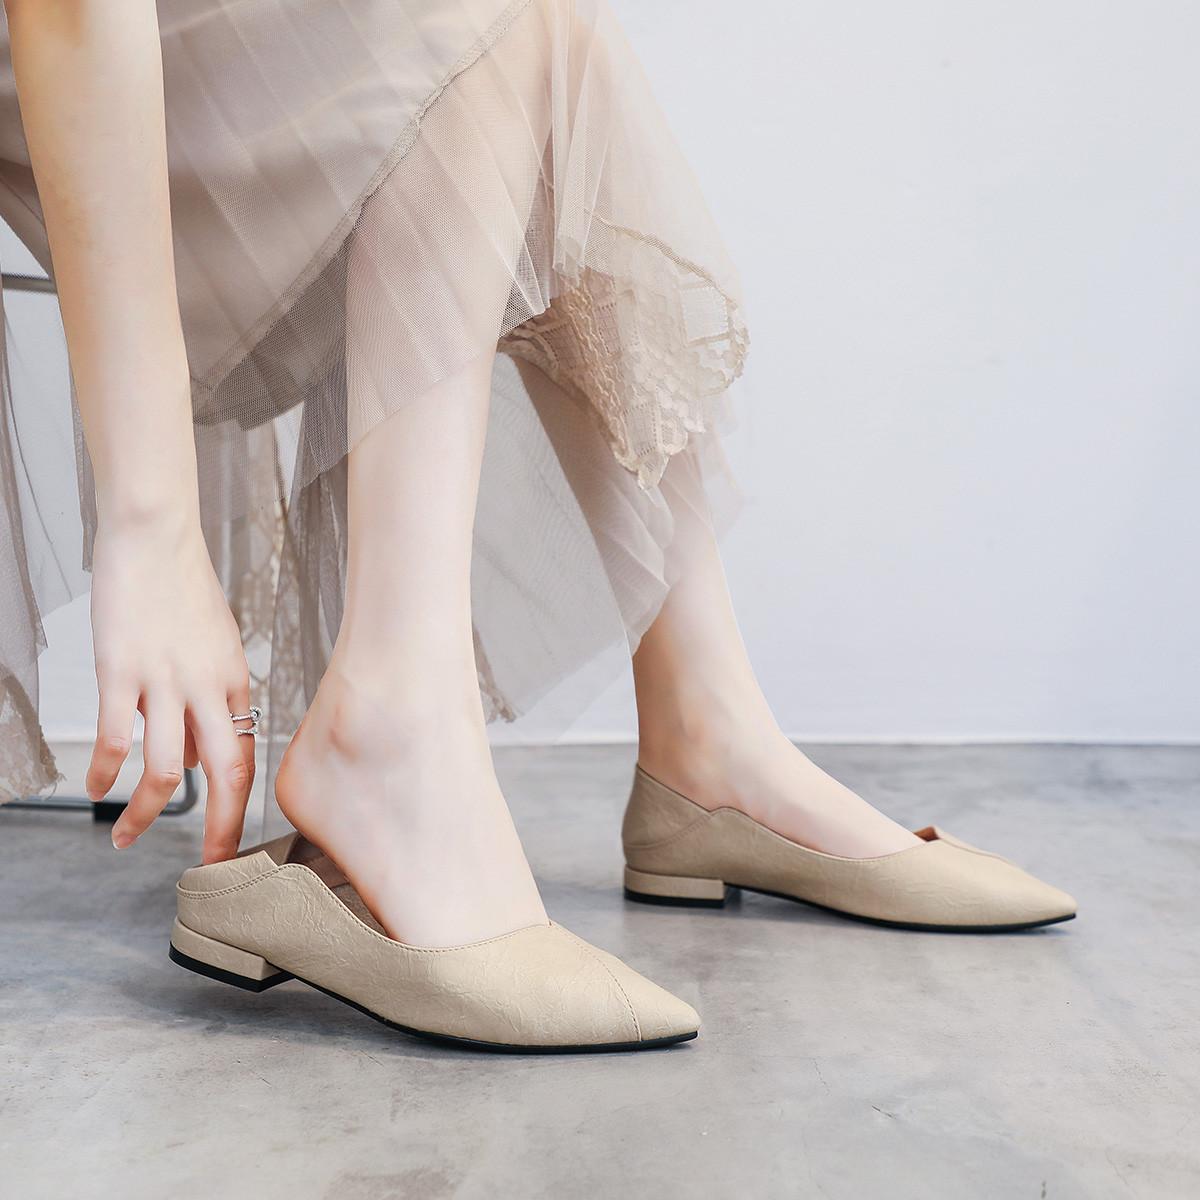 Tuyệt chiêu phối đồ với giày màu kem mà các cô nàng không thể bỏ lỡ  - Ảnh 1